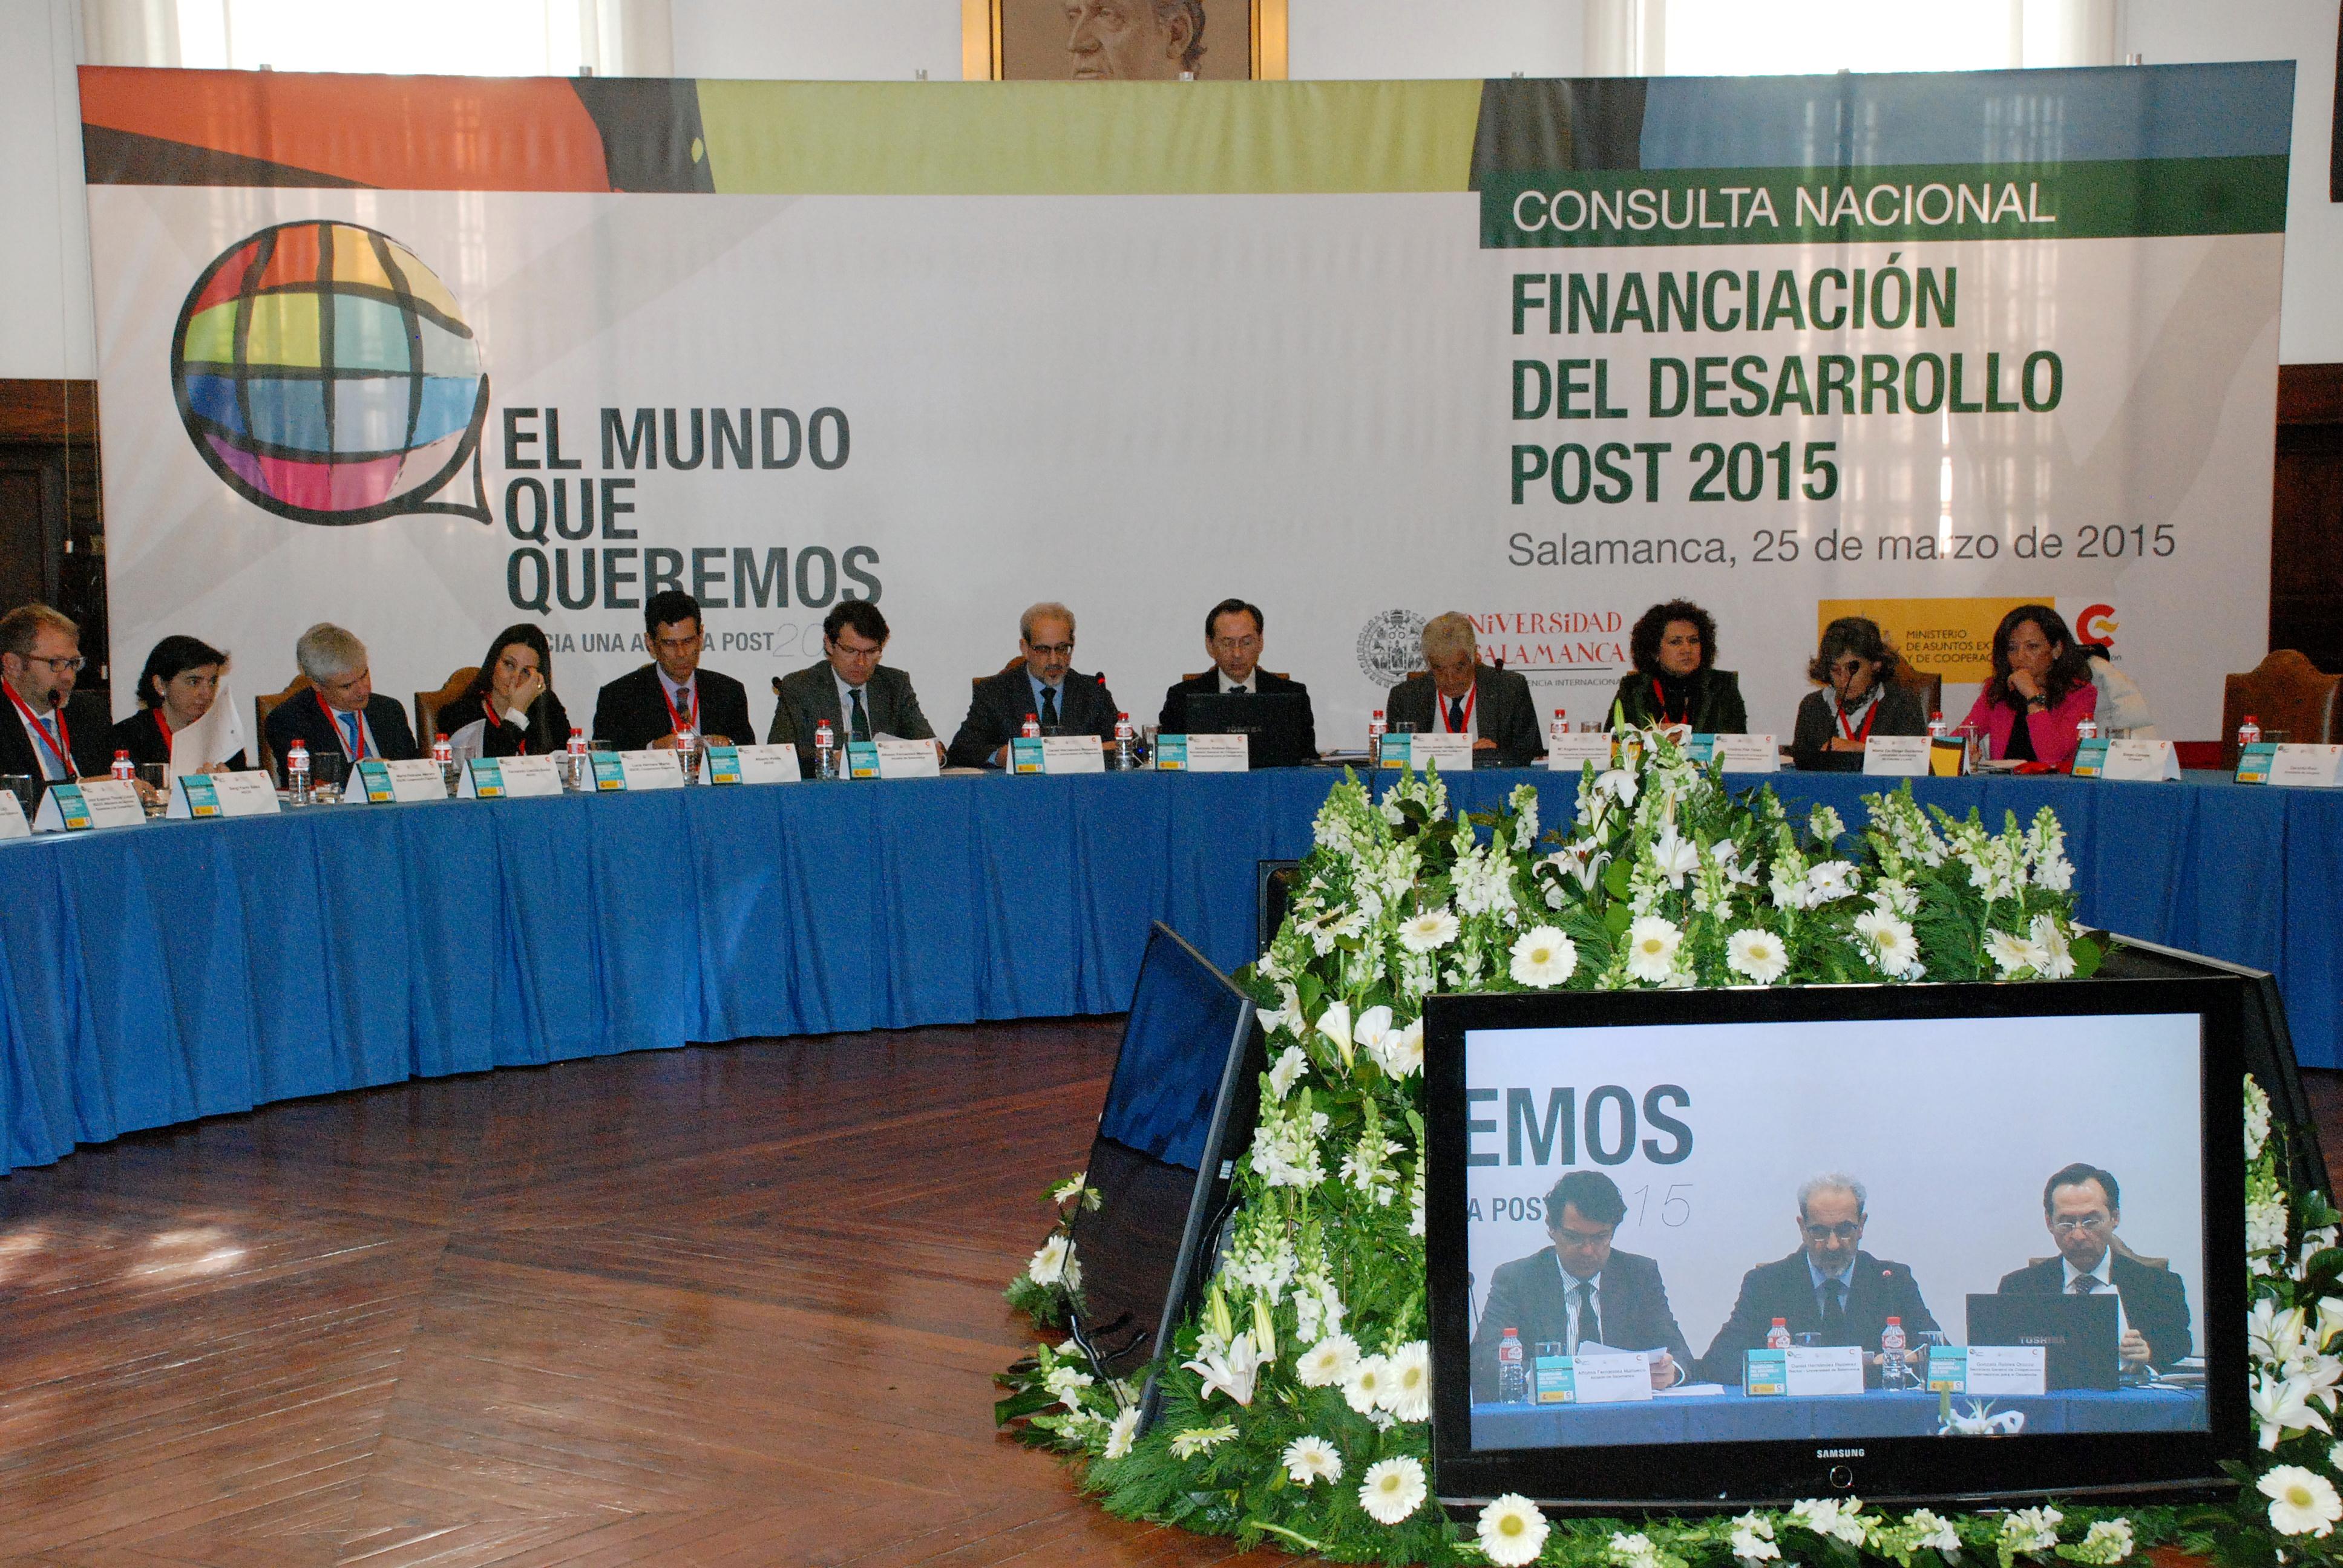 La Universidad de Salamanca acoge el Foro de debate 'Preparando la Conferencia de Financiación del Desarrollo de Addis Abeba'